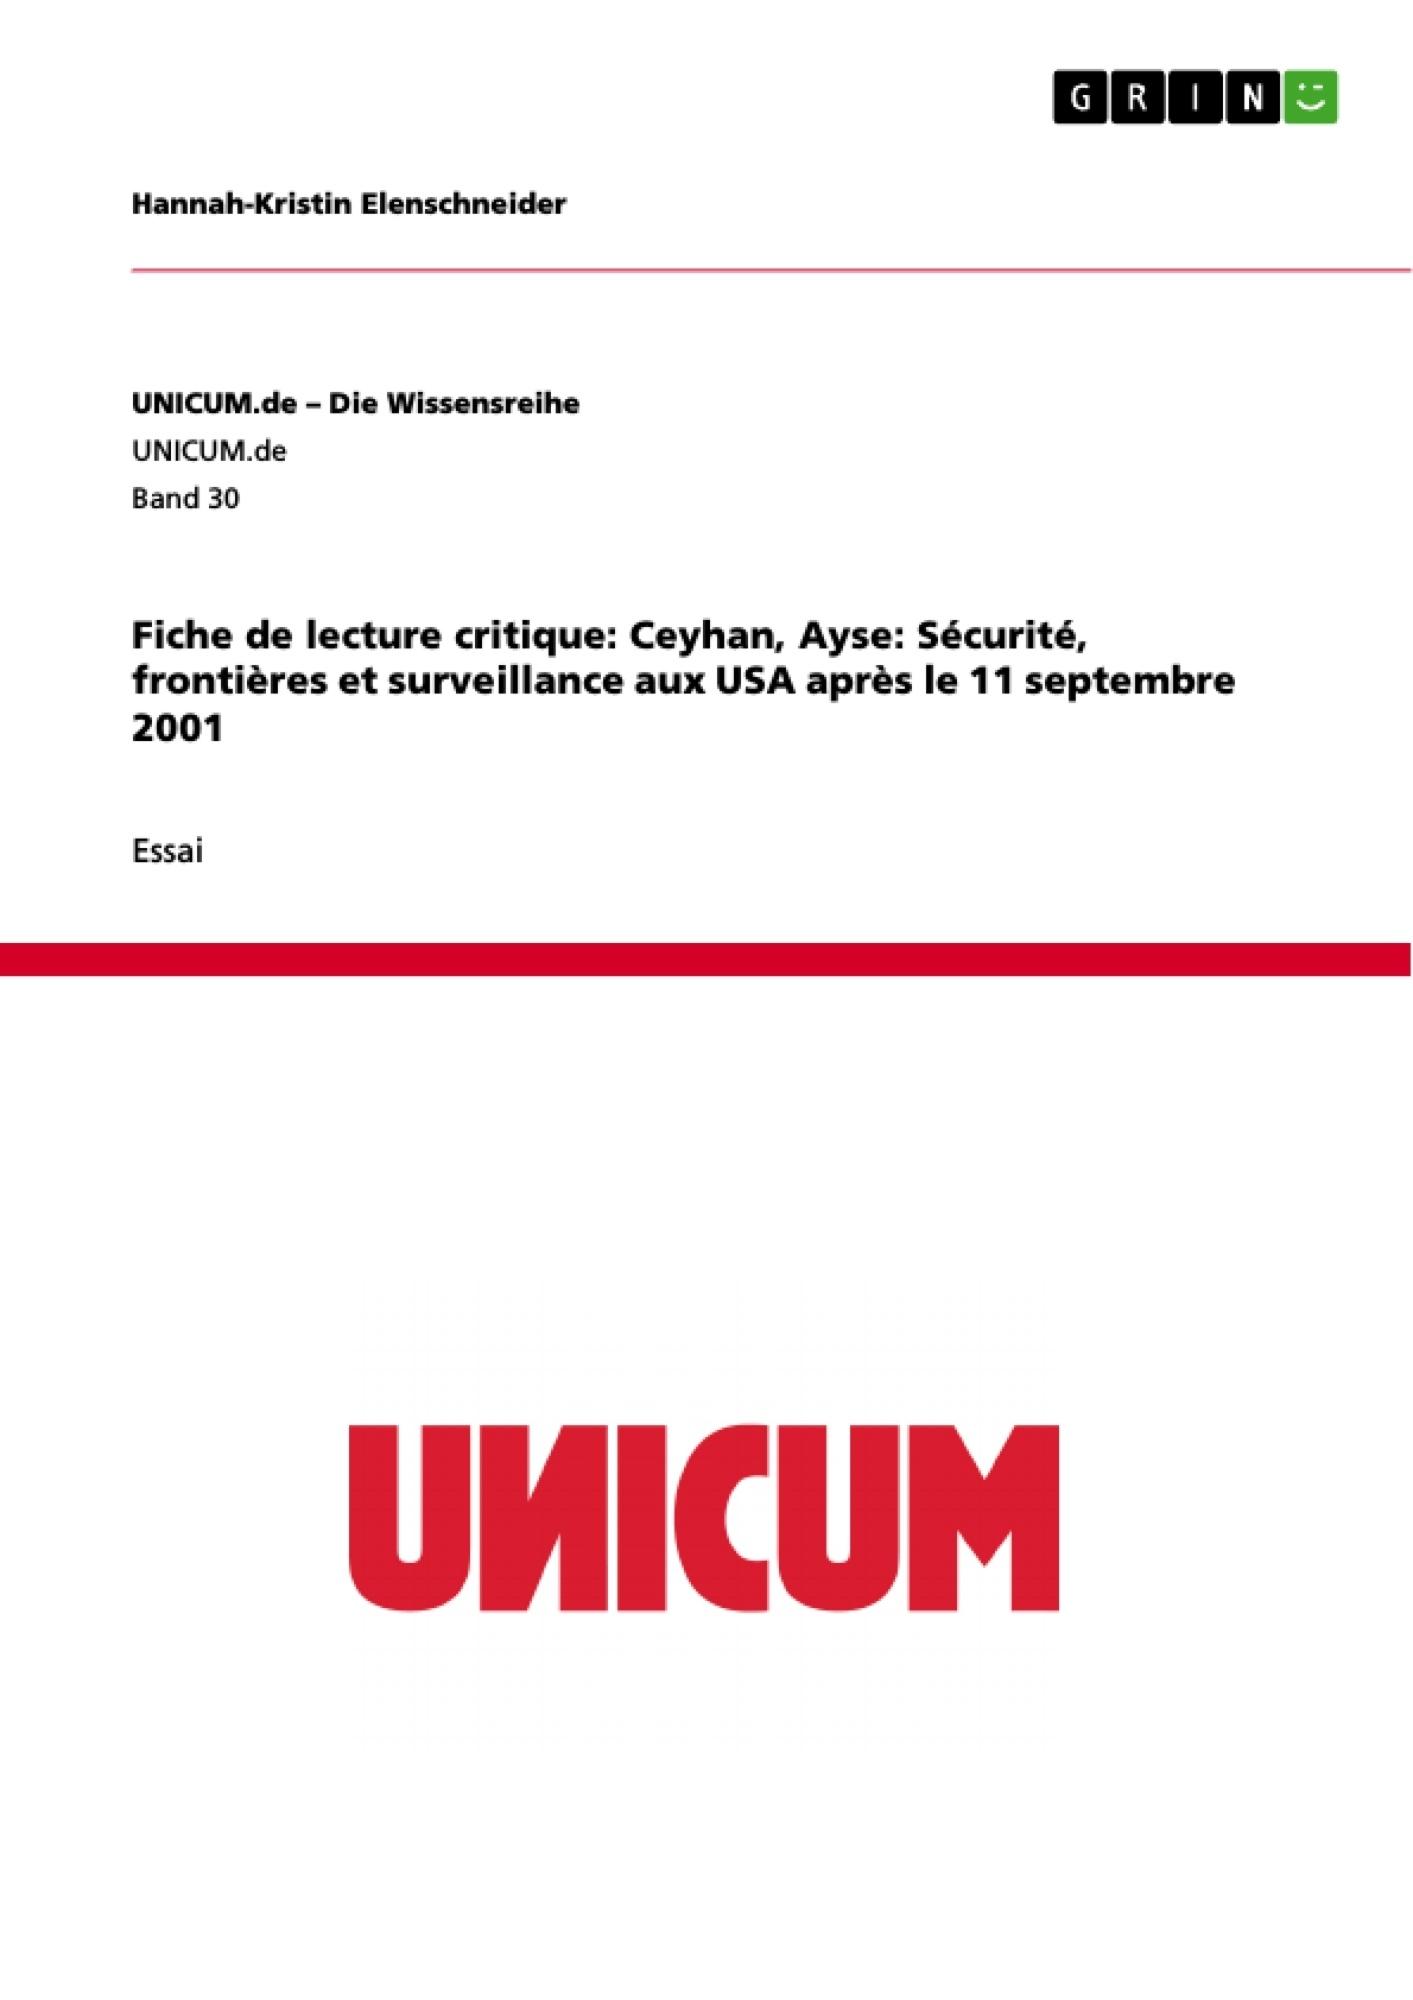 Titre: Fiche de lecture critique: Ceyhan, Ayse: Sécurité, frontières et surveillance aux USA après le 11 septembre 2001